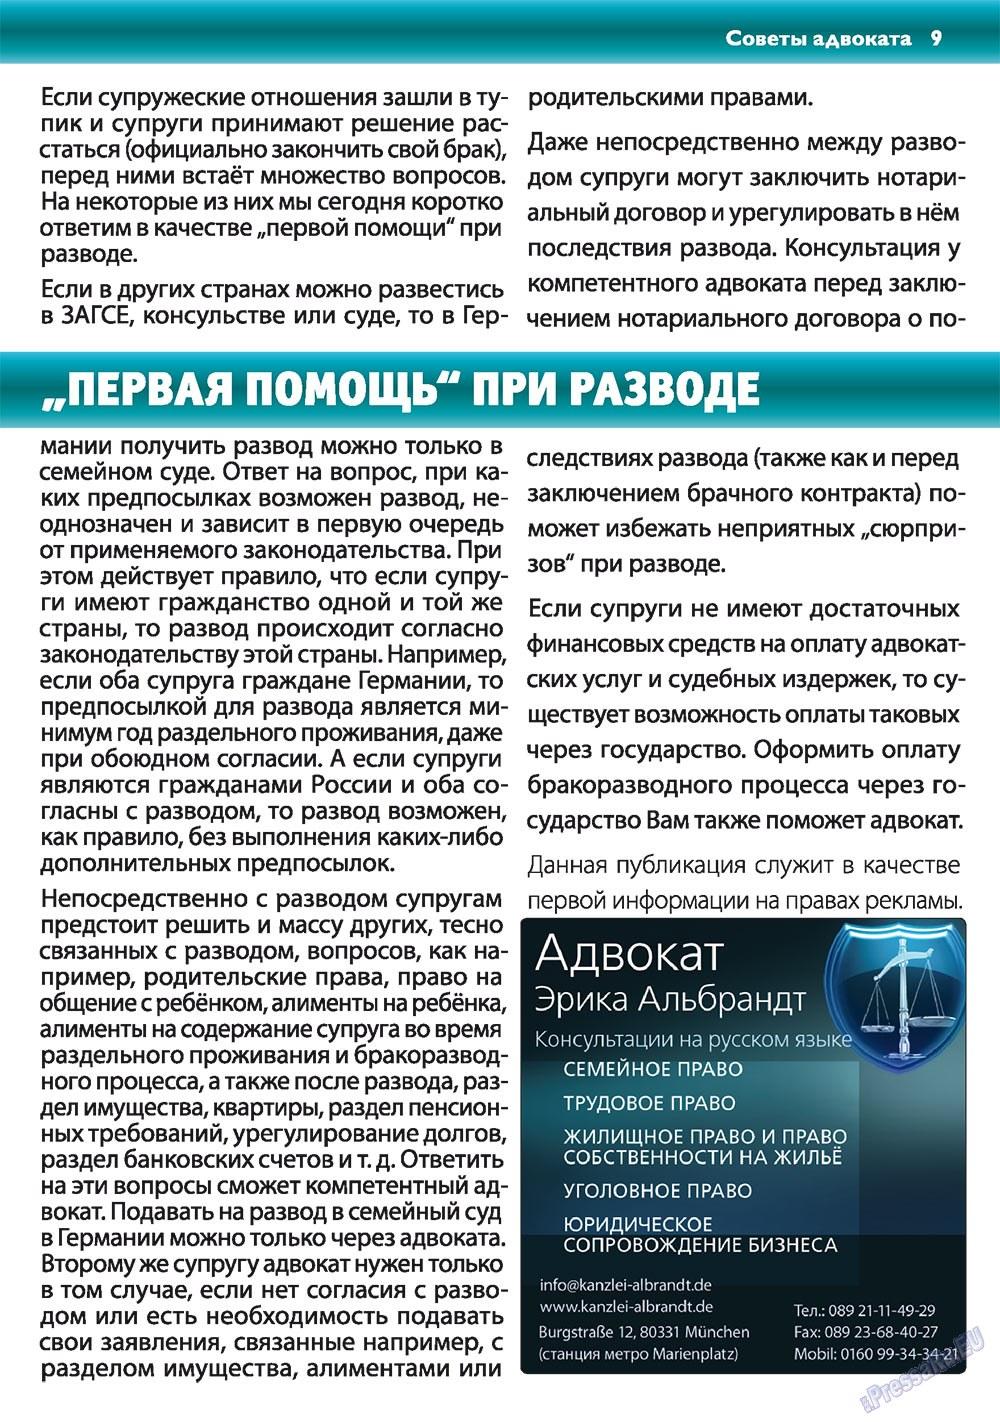 Апельсин (журнал). 2010 год, номер 15, стр. 9